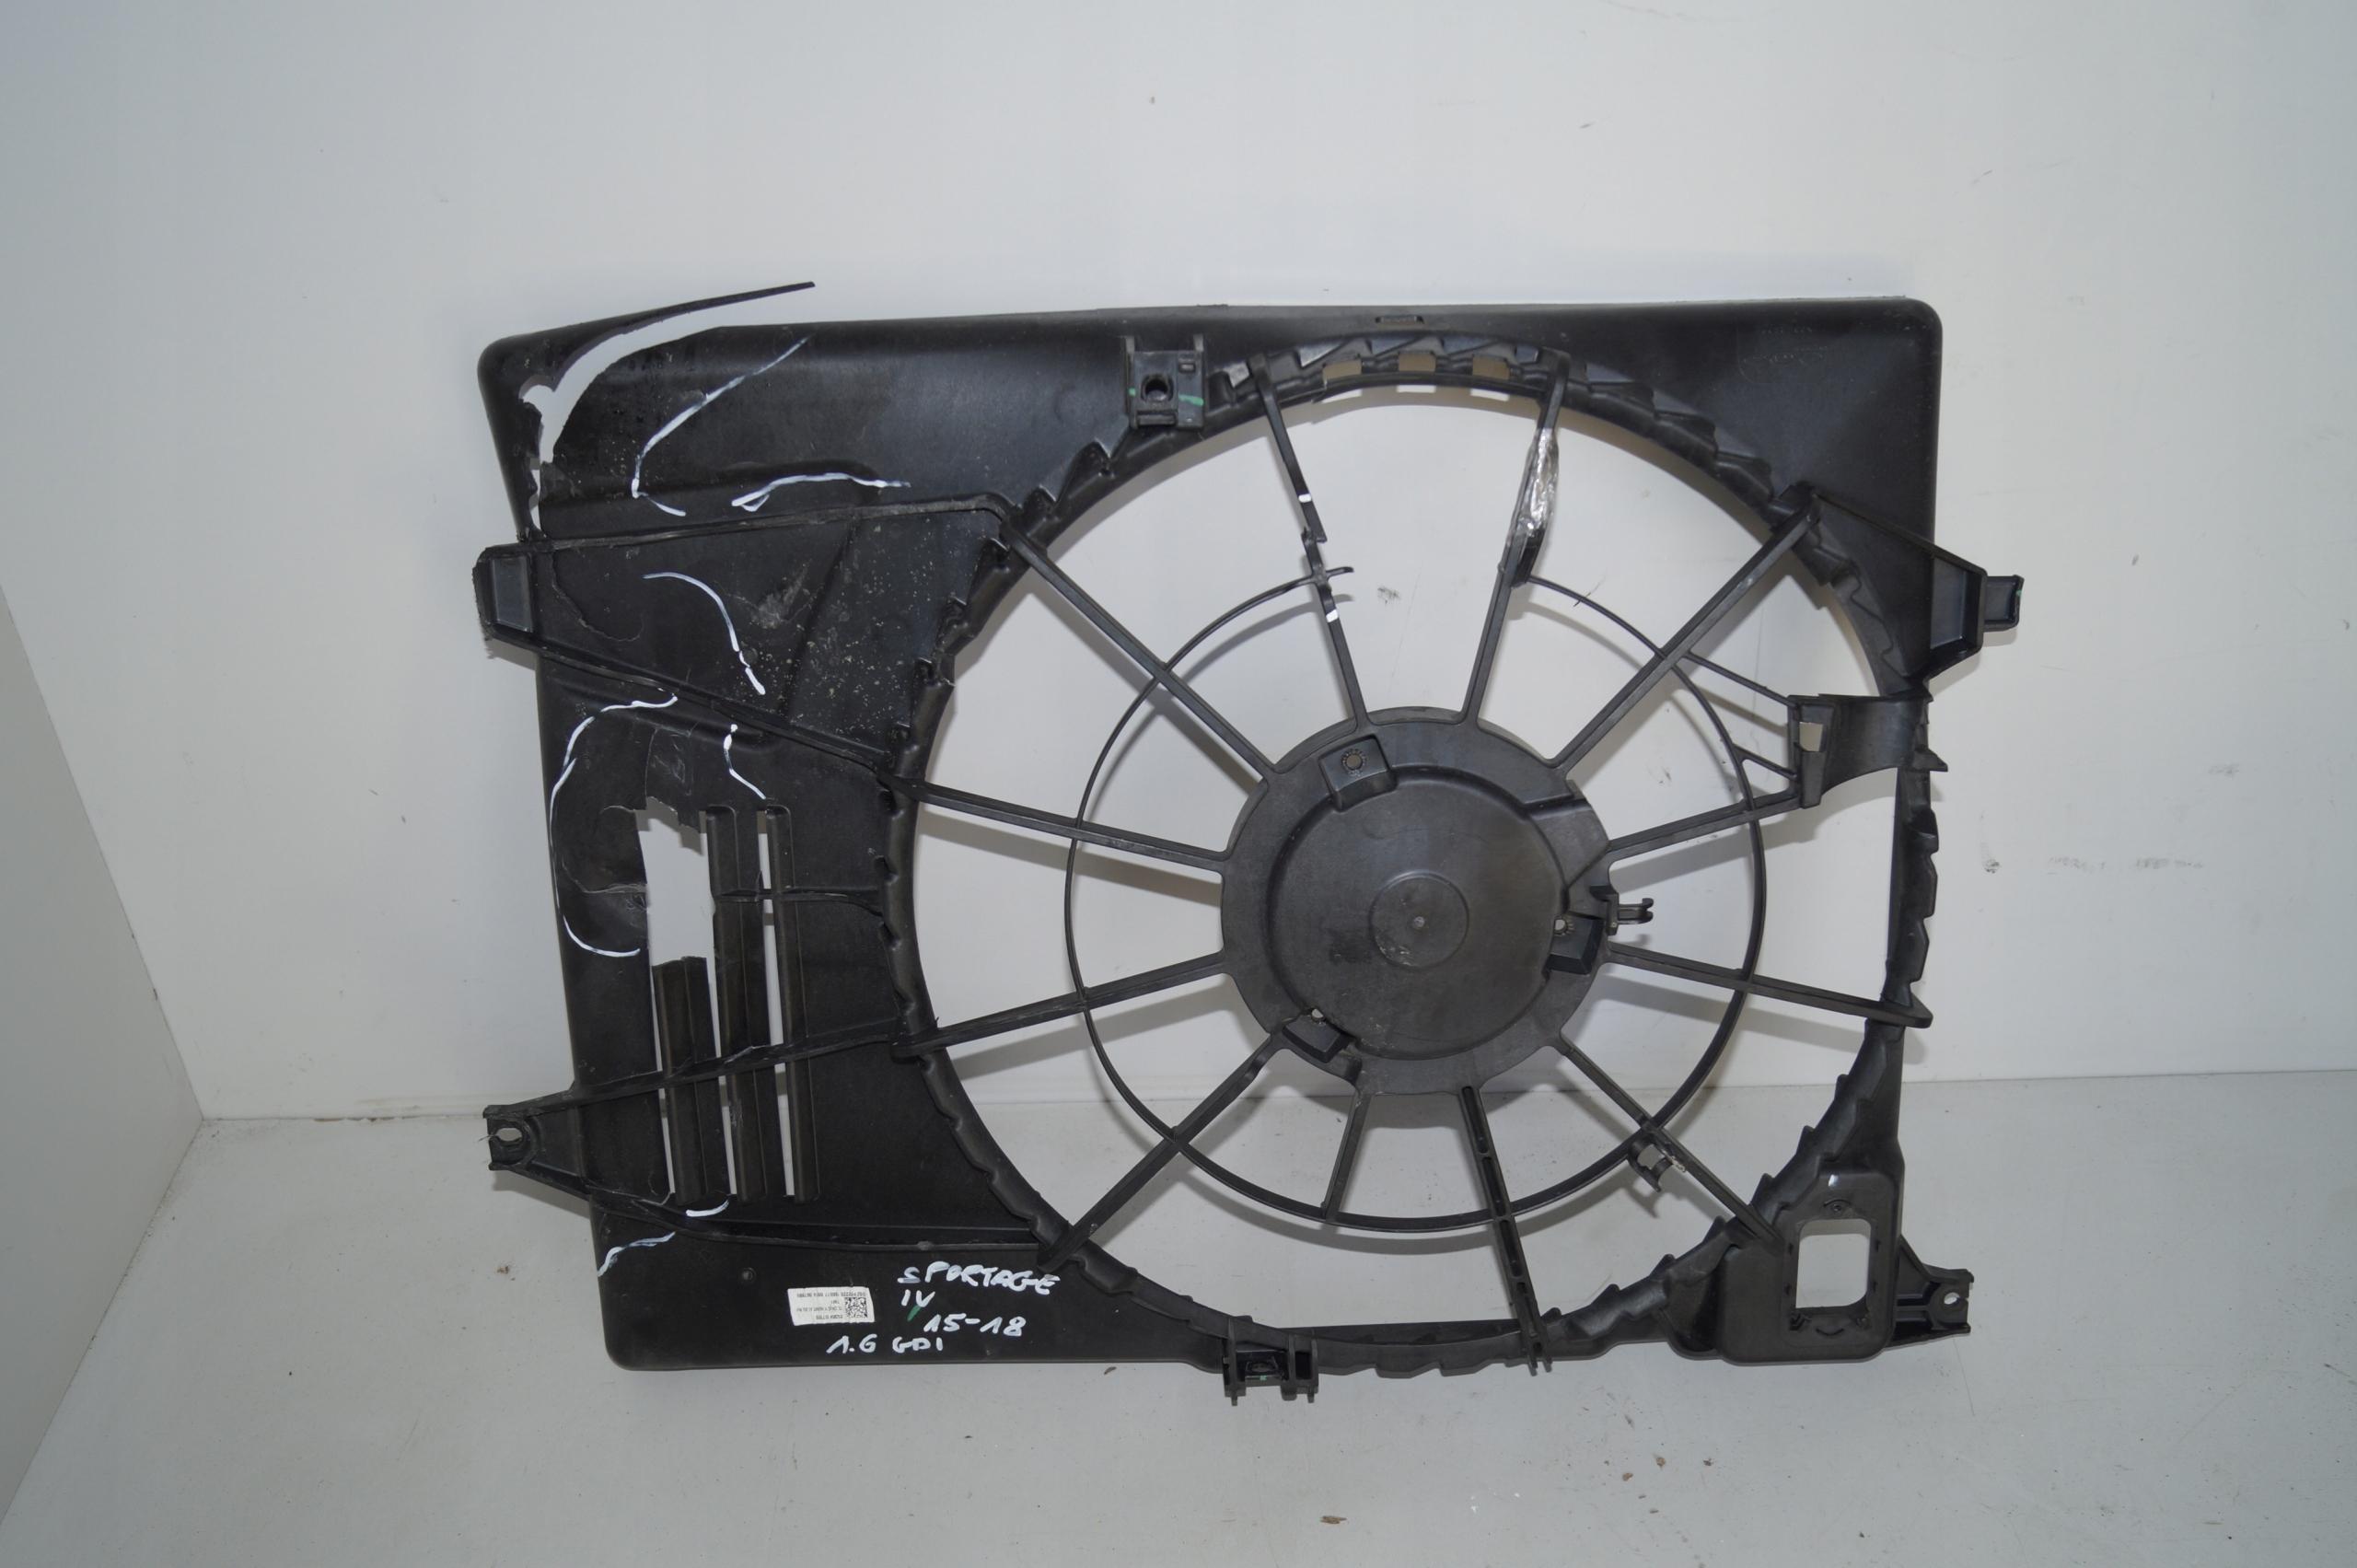 корпус вентилятора sportage iv 15-18r 16 b